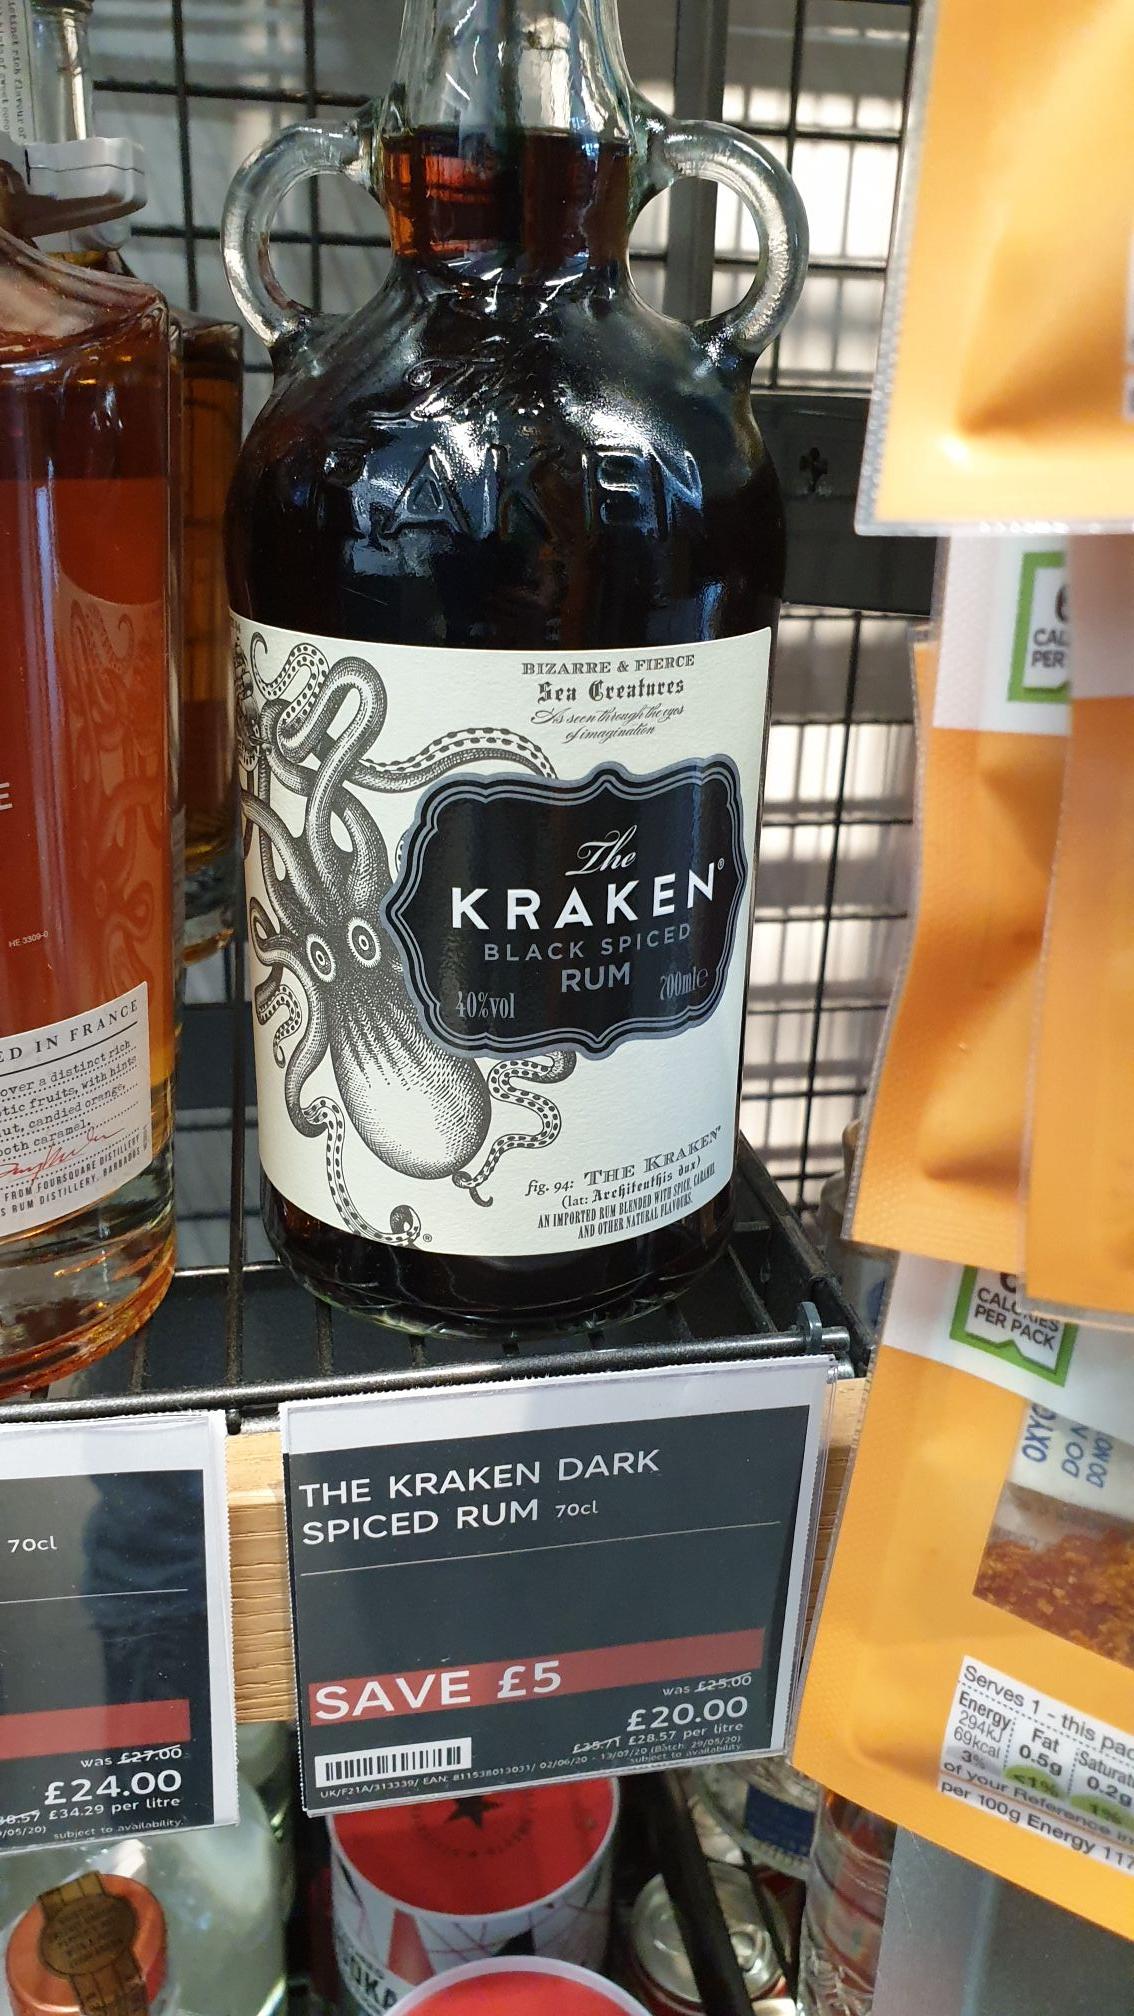 Kraken Rum. In store. M&S Sheldon £20 (£5 off)